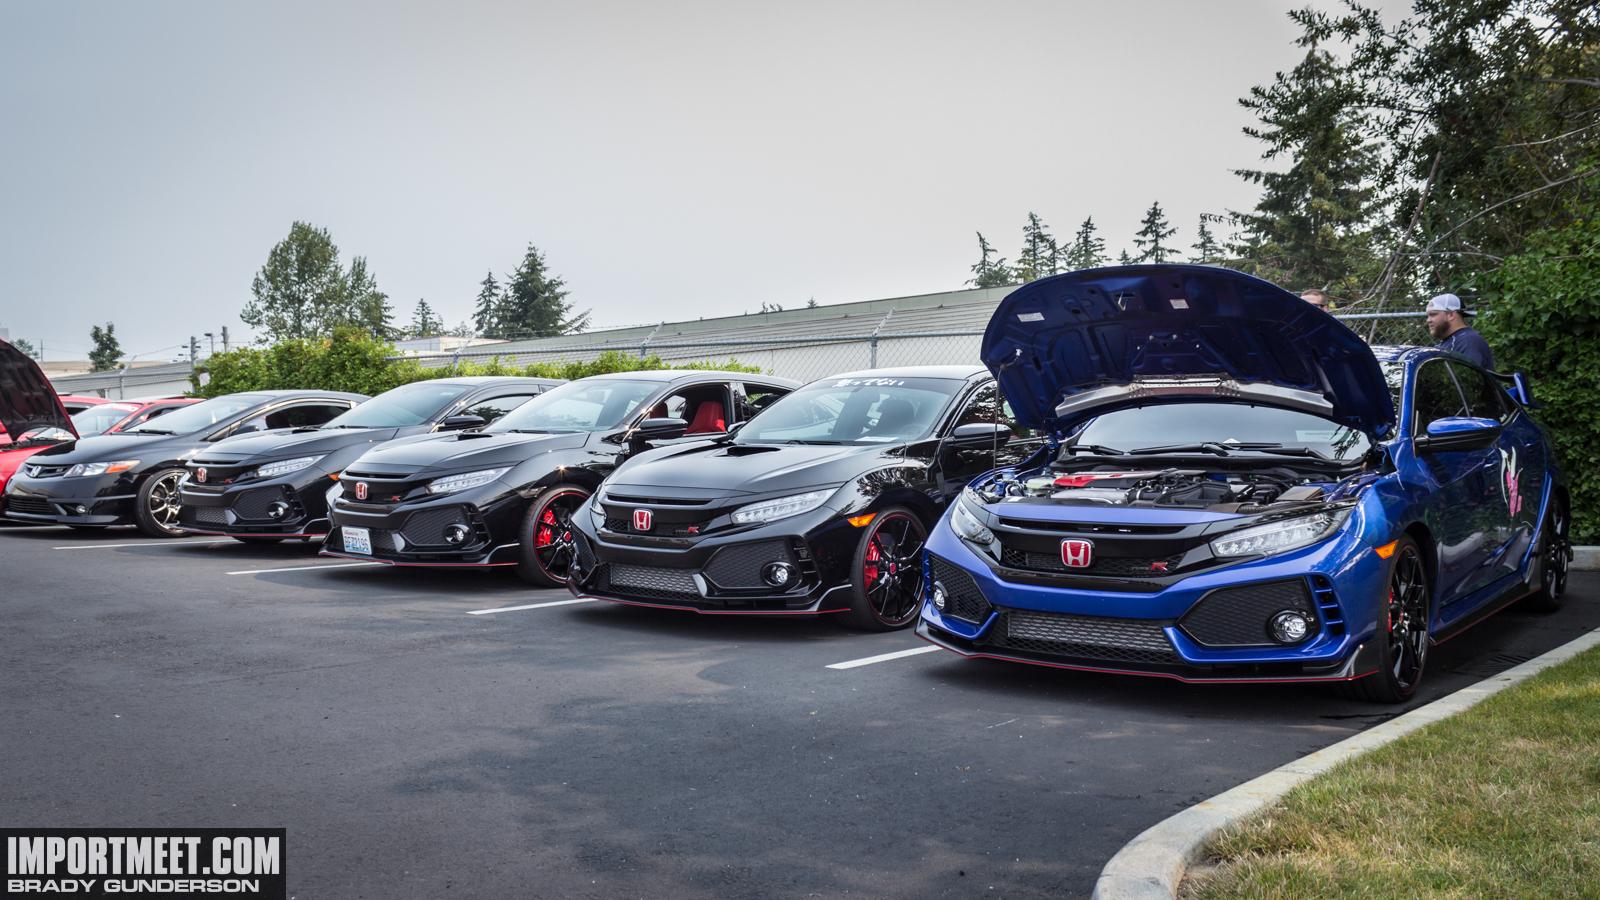 Honda Expo Car Show Event Coverage Import Meet - Honda car show